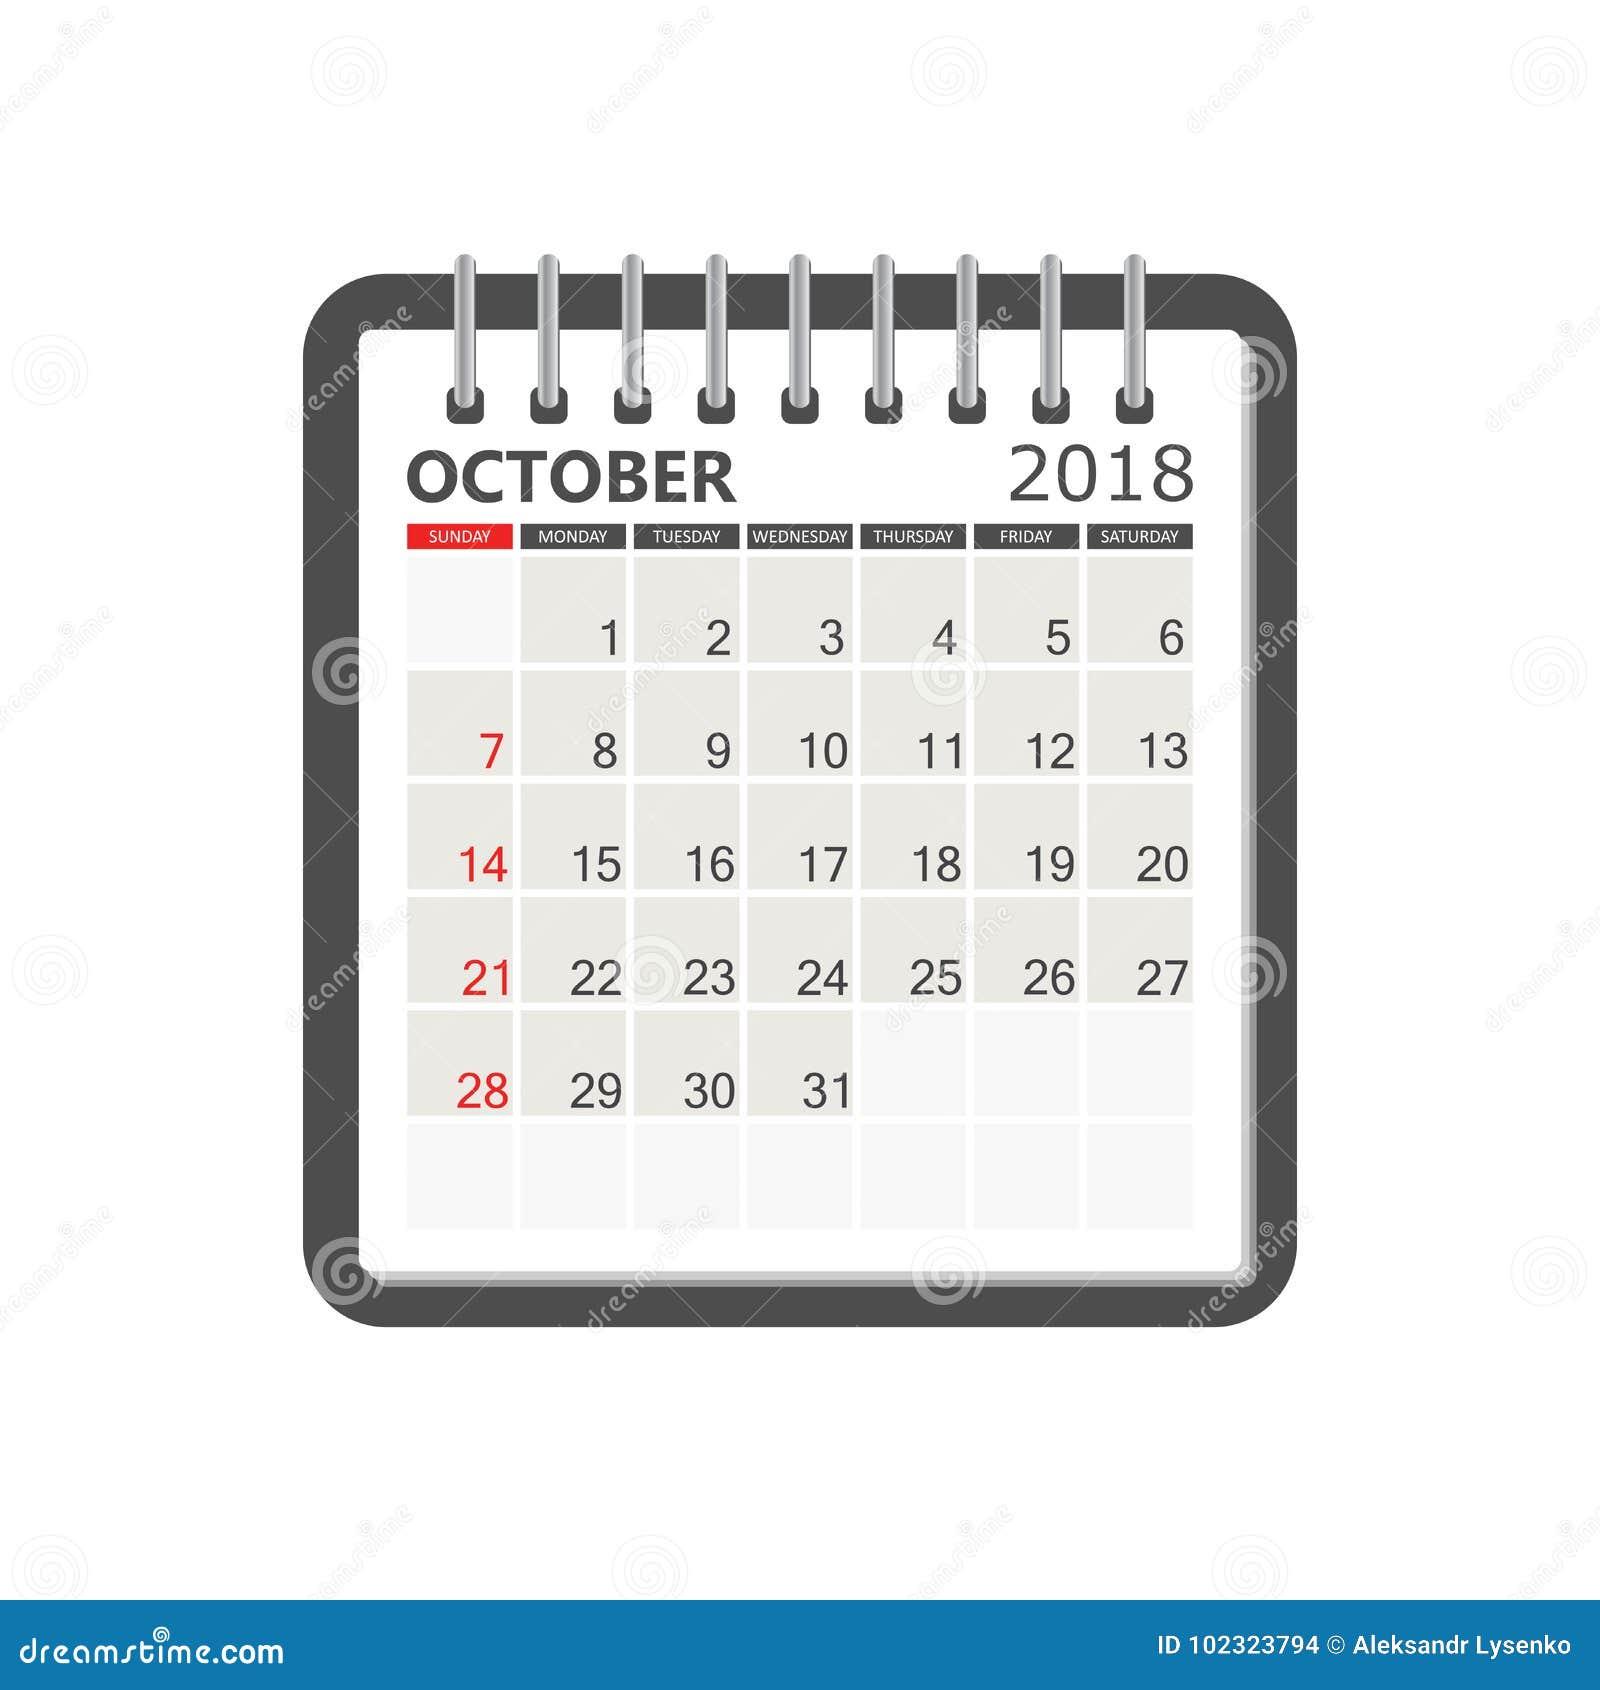 october 2018 calendar calendar notebook page template week sta